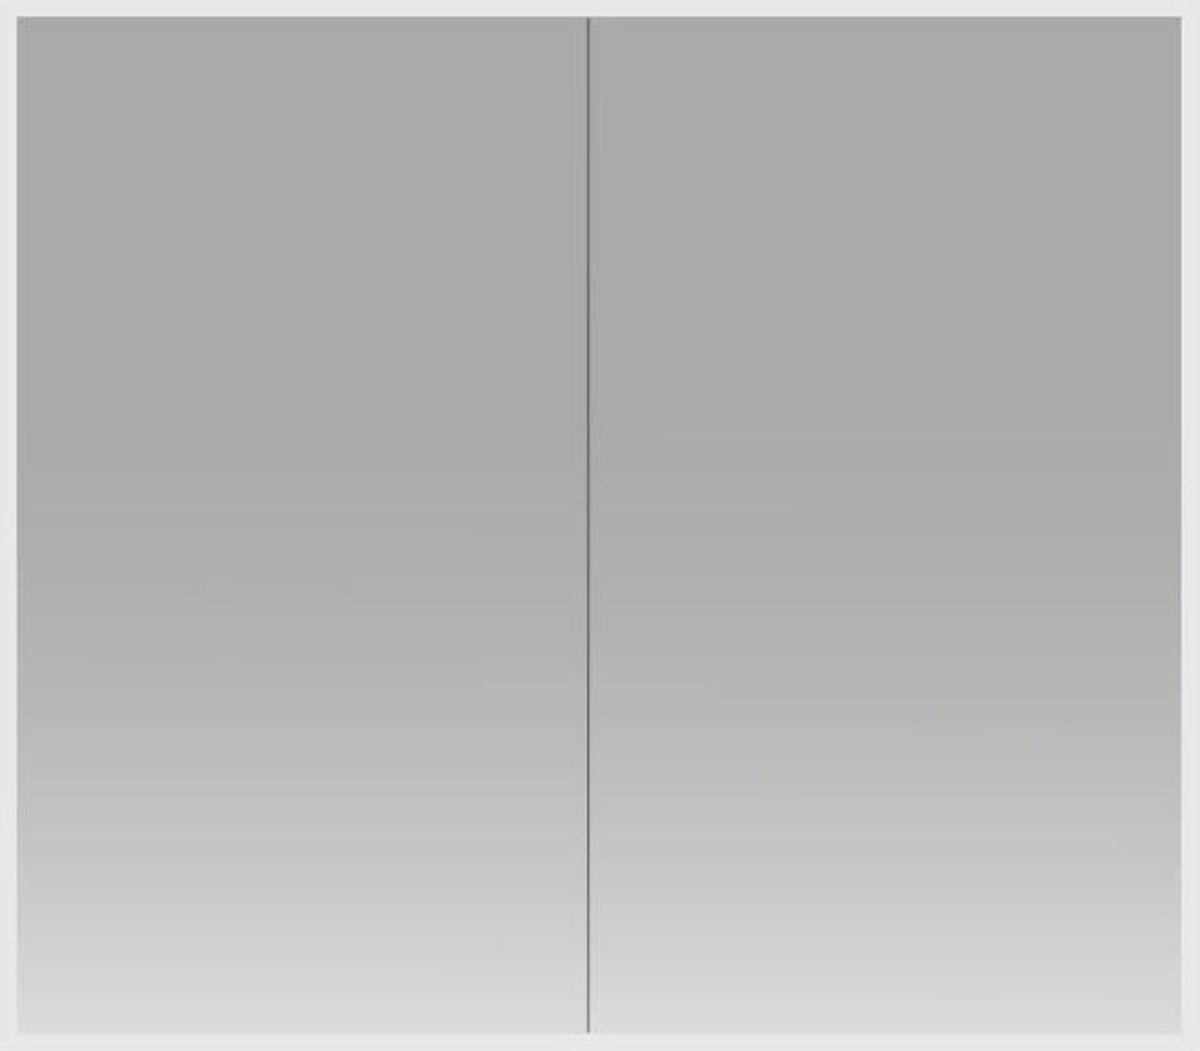 Spiegelkast Quatro 80x70x13cm Aluminium Geintegreerde LED Verlichting Sensor Lichtschakelaar Stopcontact Glazen Planken